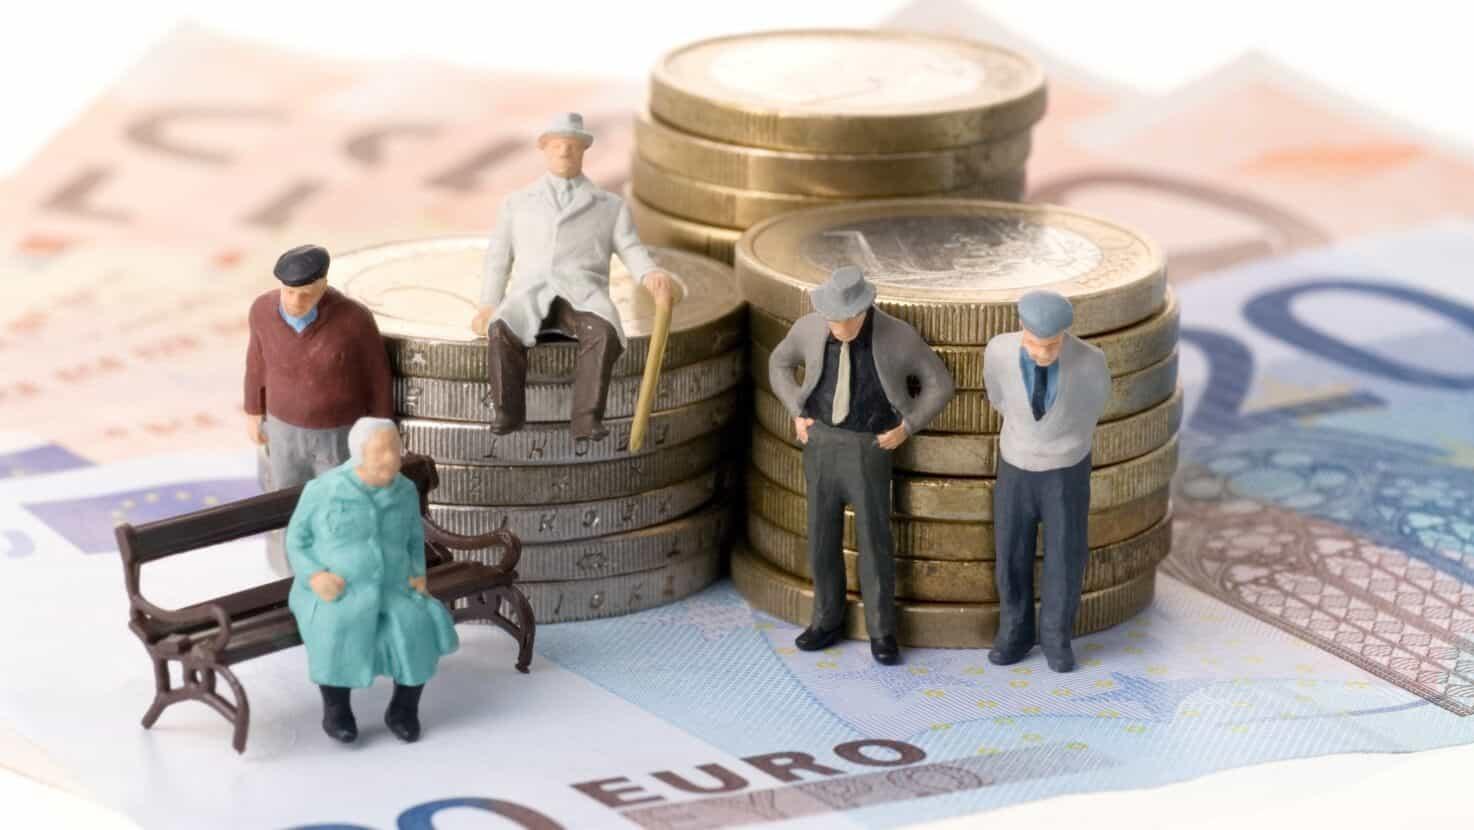 Пособие на ребенка (киндергельд) в германии в 2021 году: выплаты, кому положено